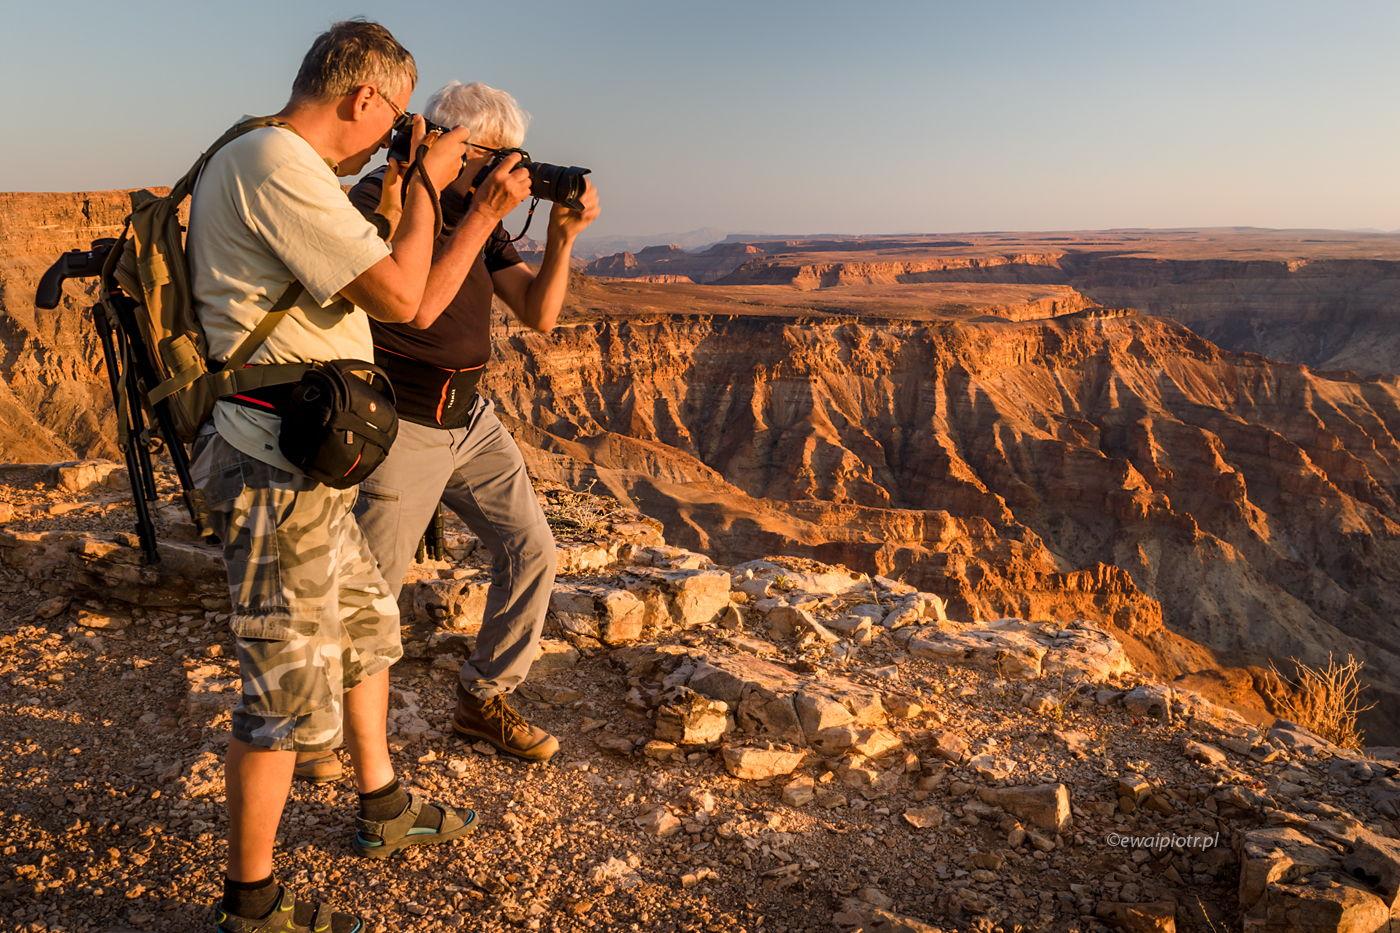 Fotowyprawowicze nad Kanionem Rzeki Rybnej, Namibia